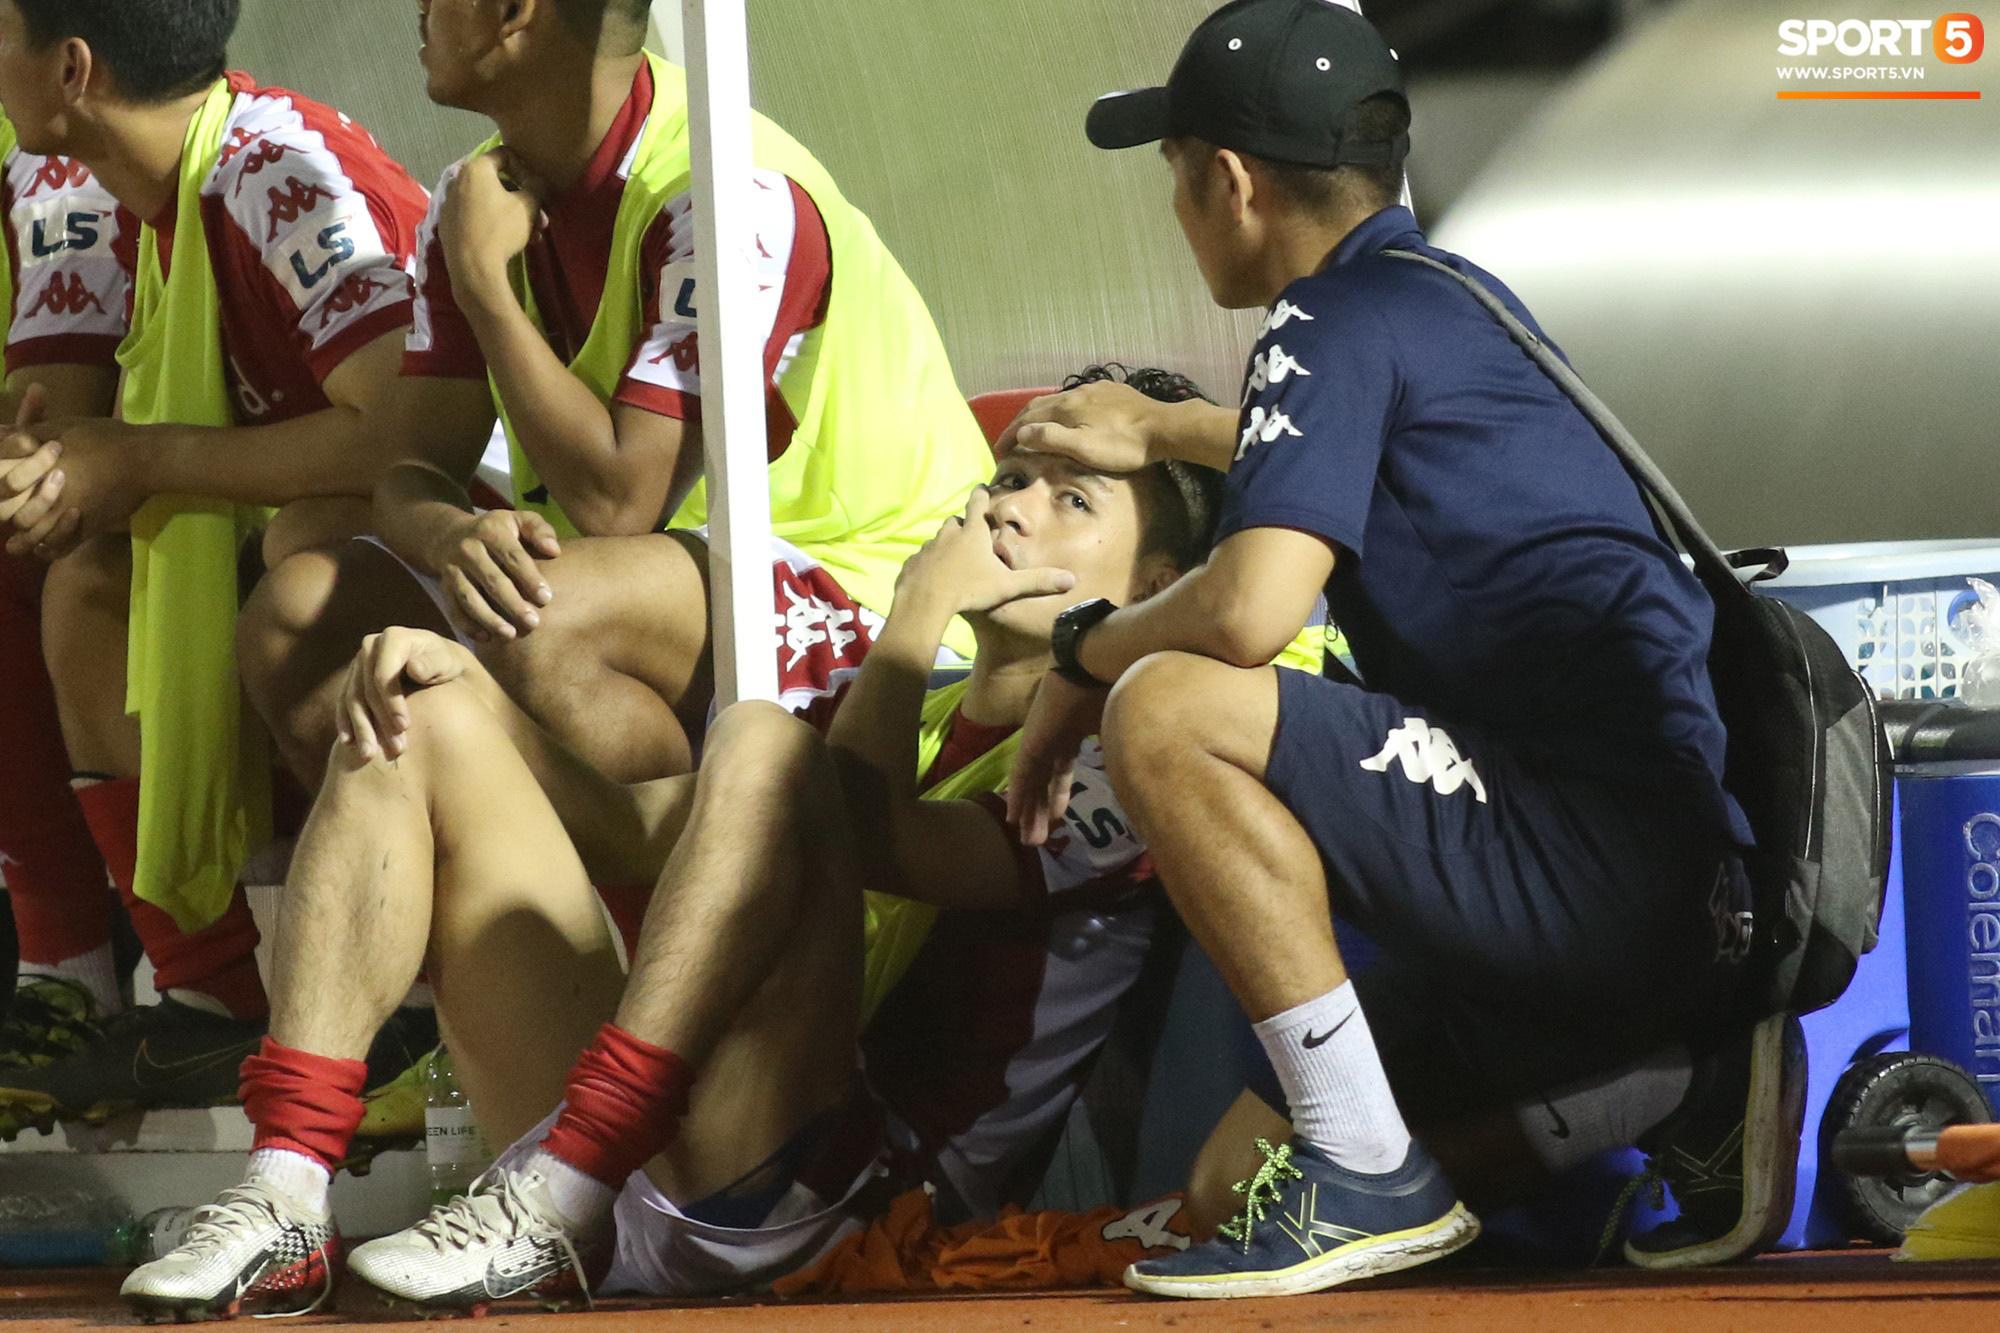 Thót tim với tình huống cựu tuyển thủ U23 Việt Nam nằm gục xuống sân ngay khi được thay ra - Ảnh 3.